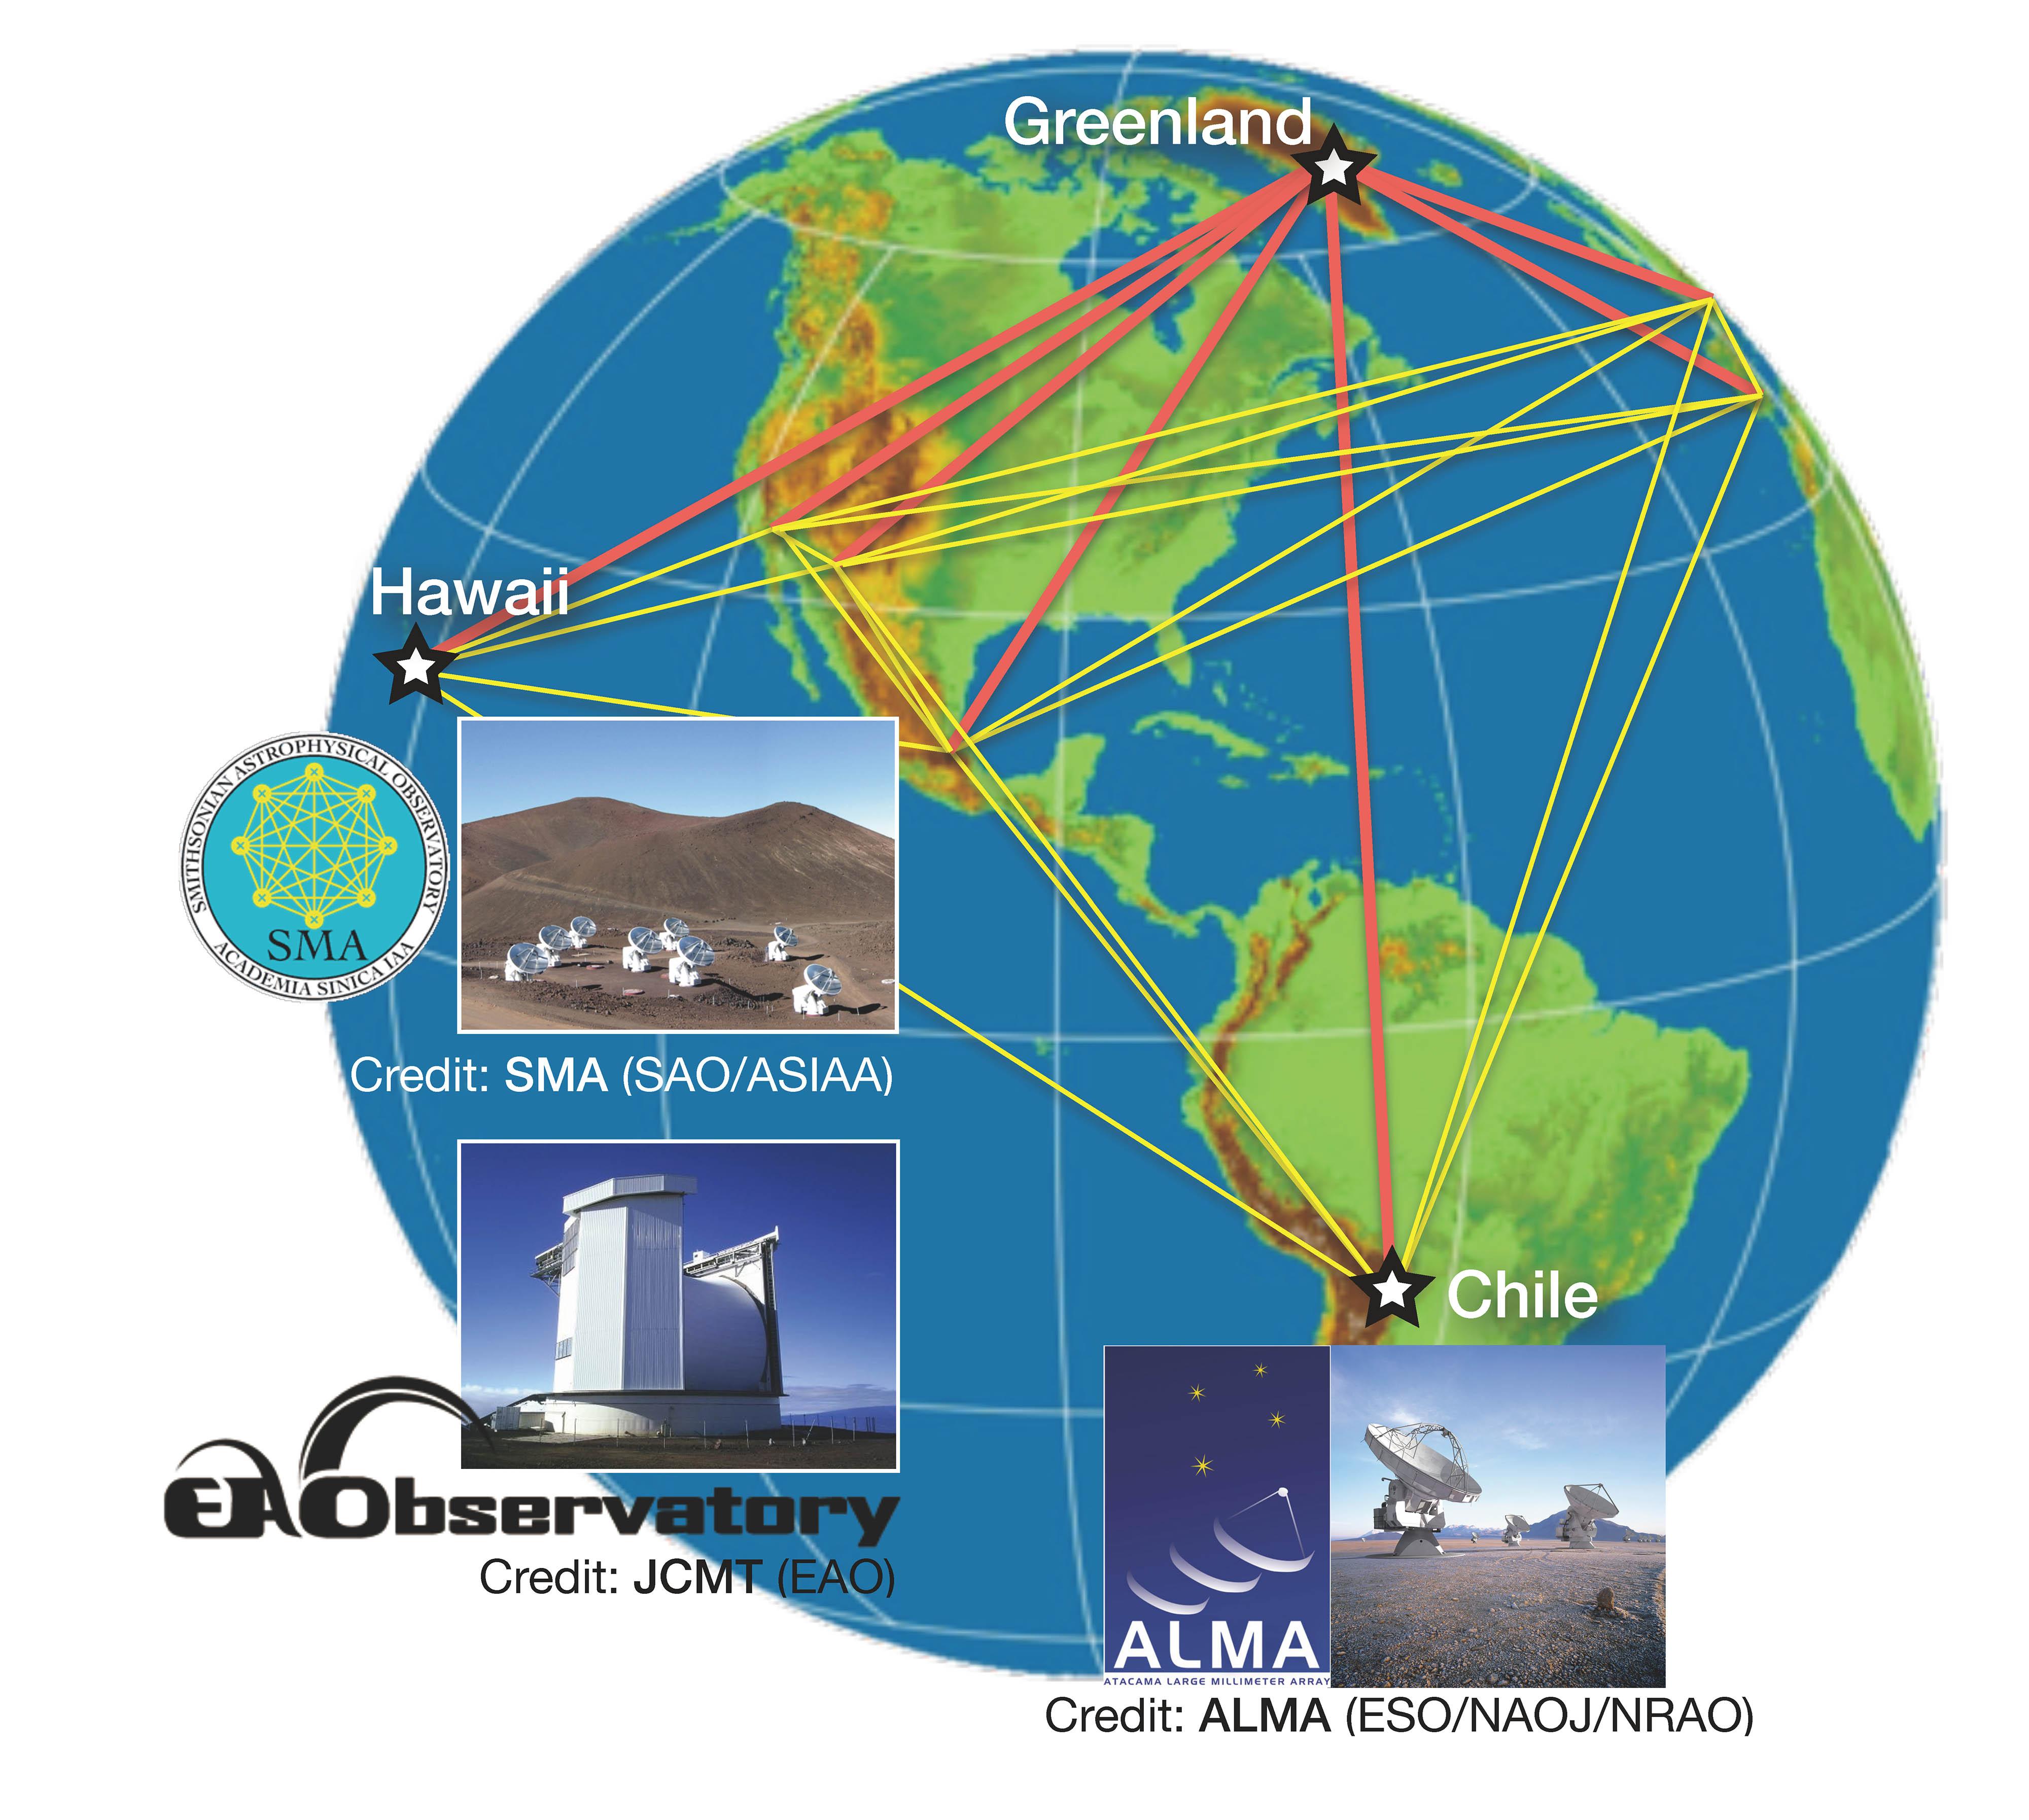 中研院已在夏威夷有 SMA 望遠鏡,又參與了智利 ALMA 望遠鏡的建造,掌握世界上很少數的次毫米波望遠鏡。在地球的另一角:格陵蘭,蓋一座新的望遠鏡,三台望遠鏡就形成一個大三角形,連線成將近地球那麼大的望遠鏡。如此一來,黑洞的觀測,中研院就站在全世界的主導地位。資料來源│格陵蘭望遠鏡網站